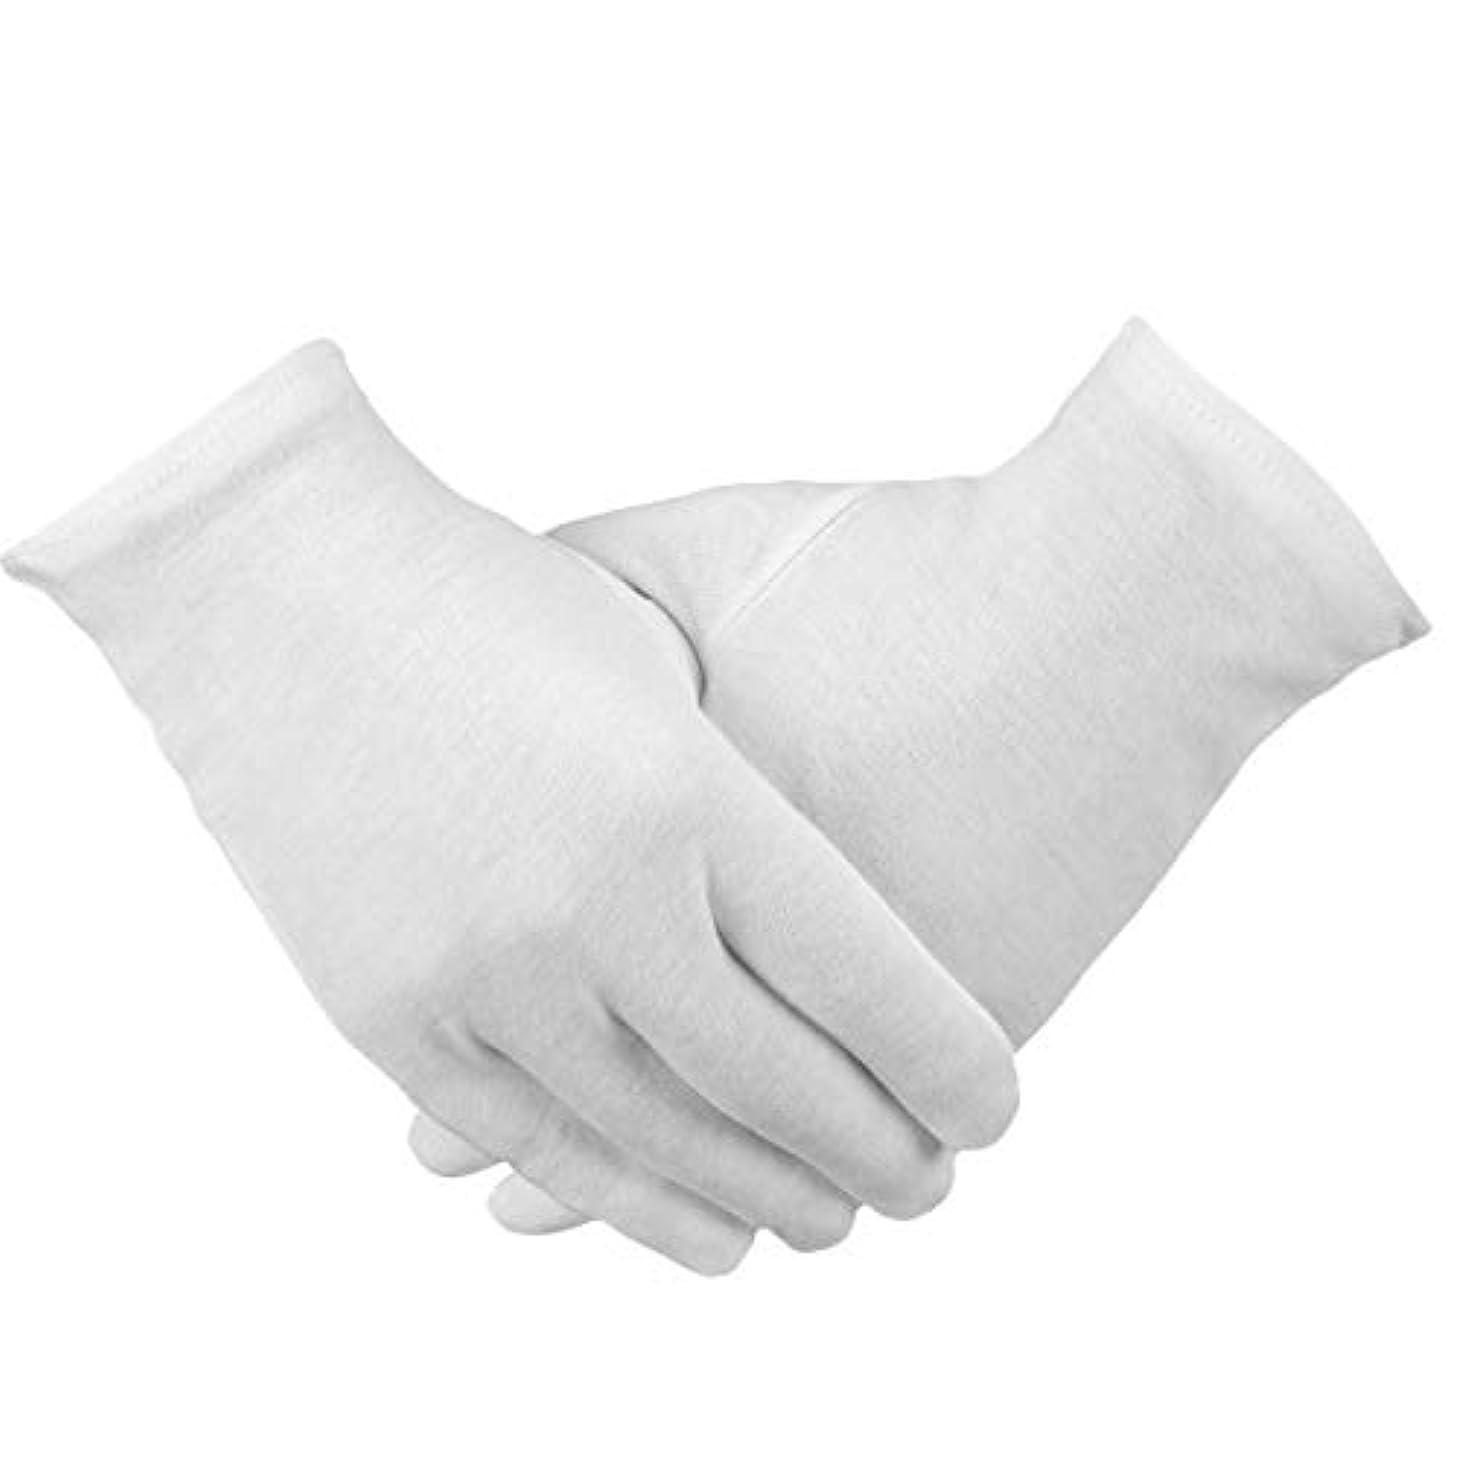 縫う副詞ダーベビルのテスPAMASE 12ペア 手荒れ対策 コットン手袋 綿手袋 純綿 ハンドケア 白手袋 お休み 乾燥肌用 保湿用 家事用 礼装用 メンズ レディース 手袋